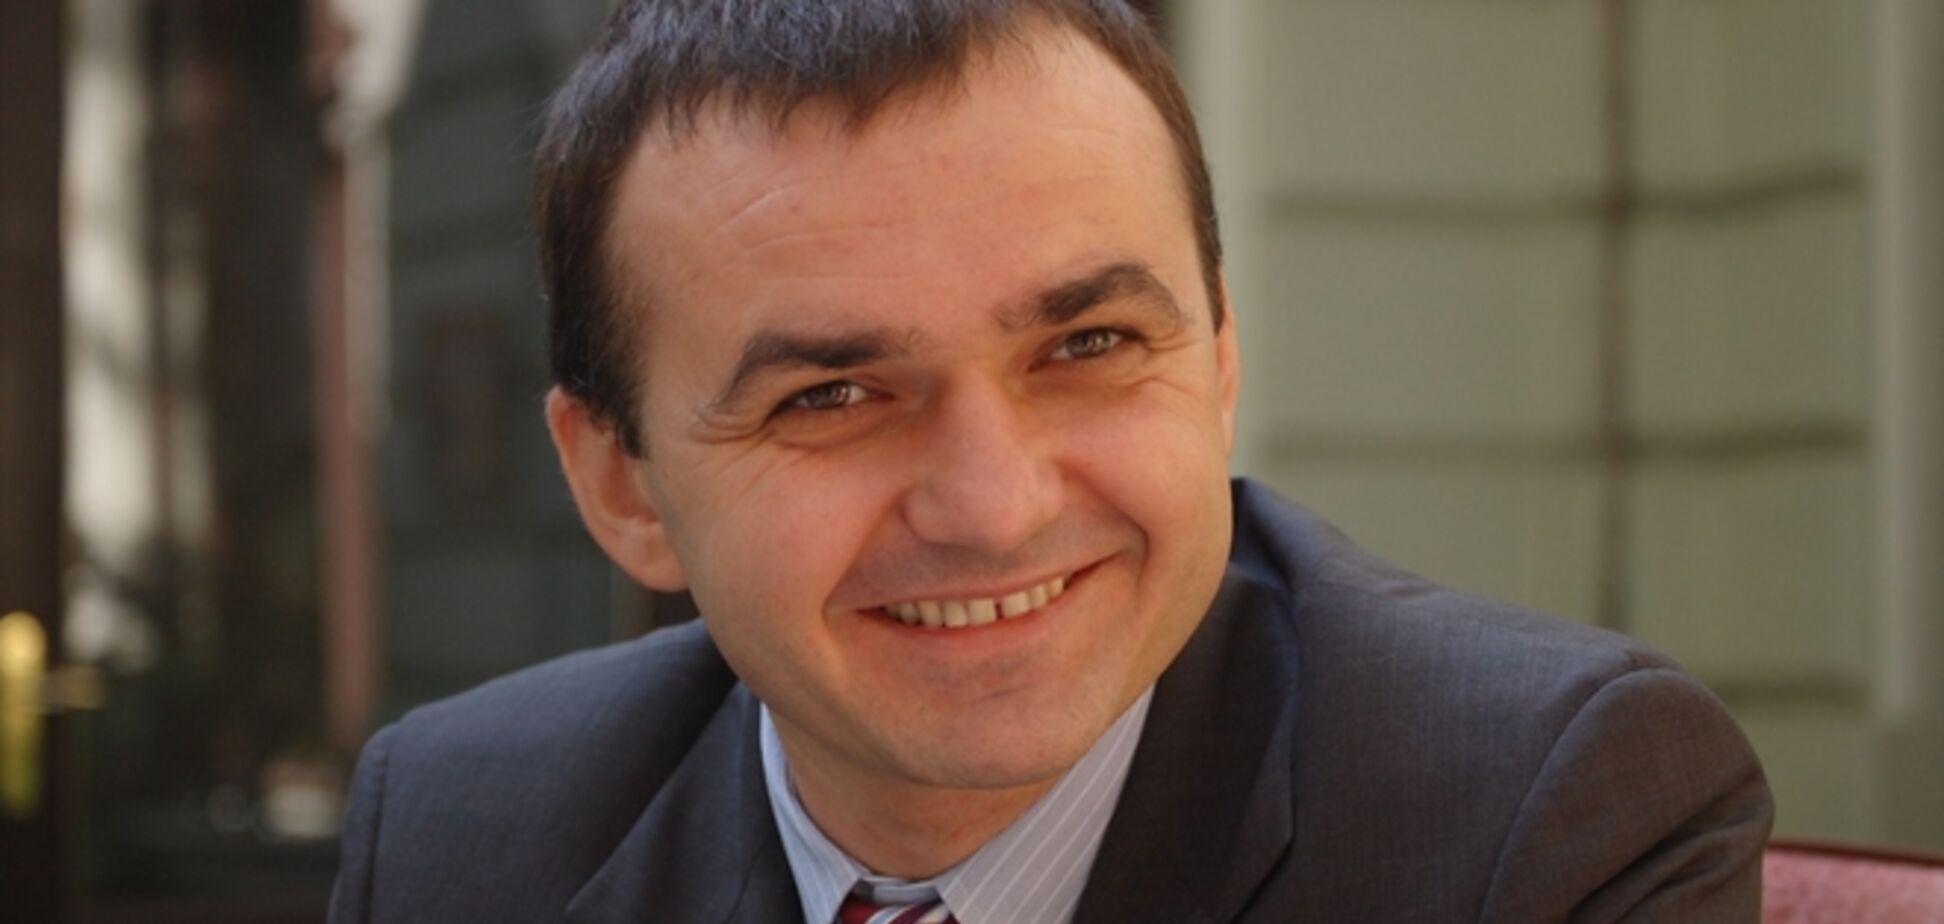 ТОП-5 фактів про нового губернатора Миколаївщини Вадима Мерікова